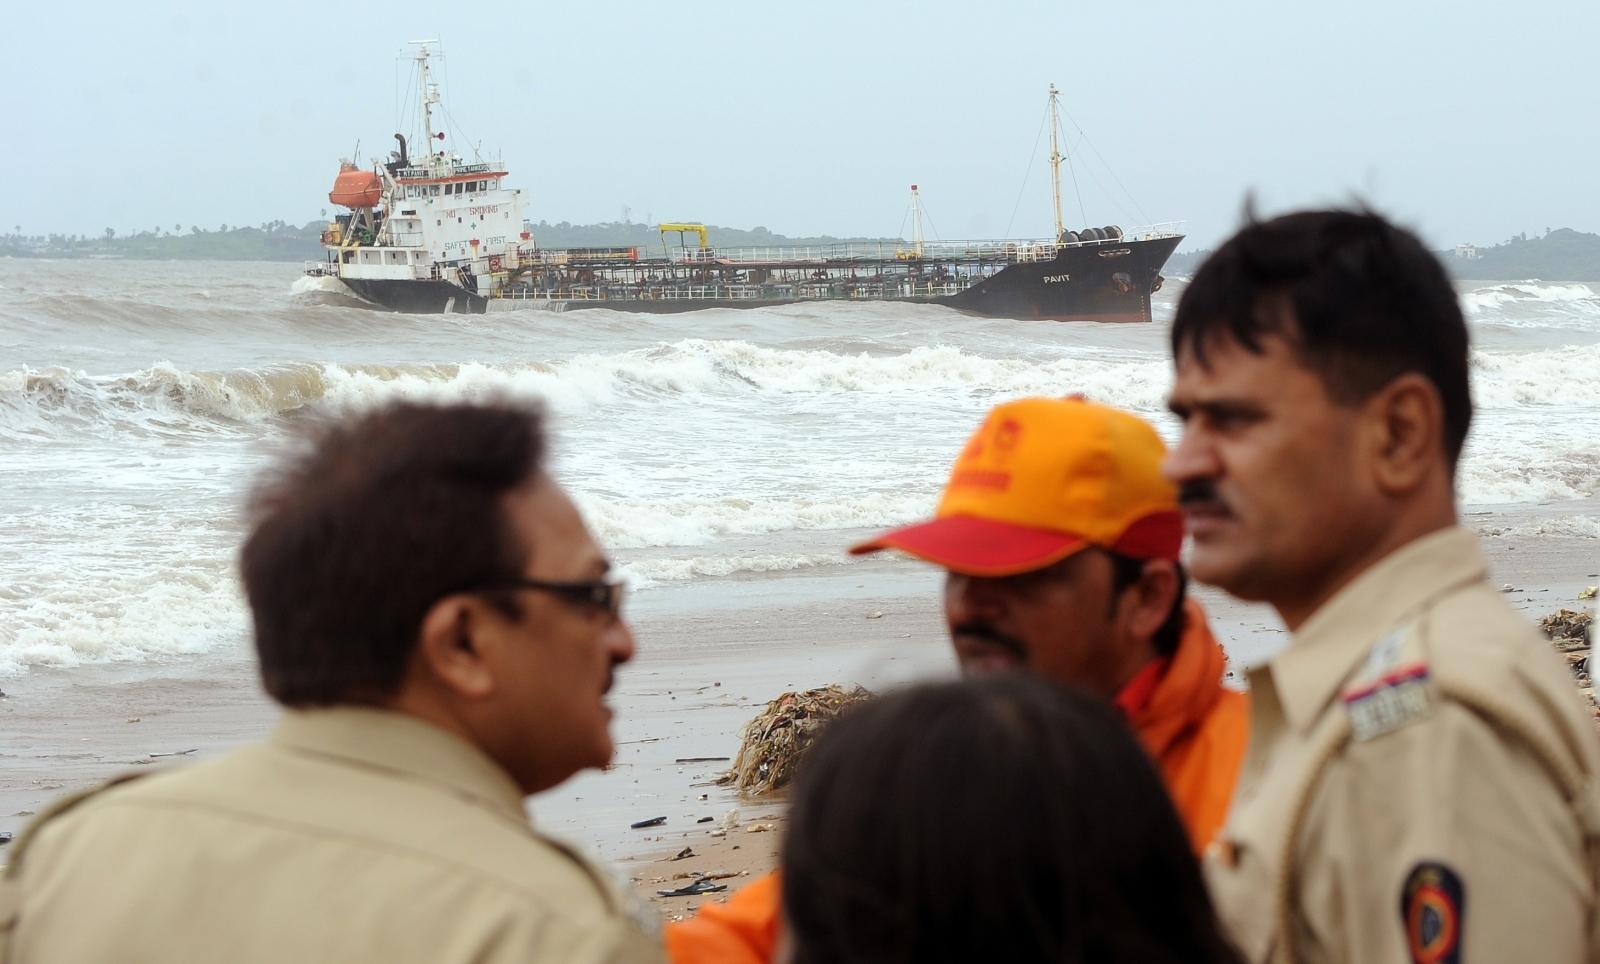 Abandoned ship off Mumbai coast